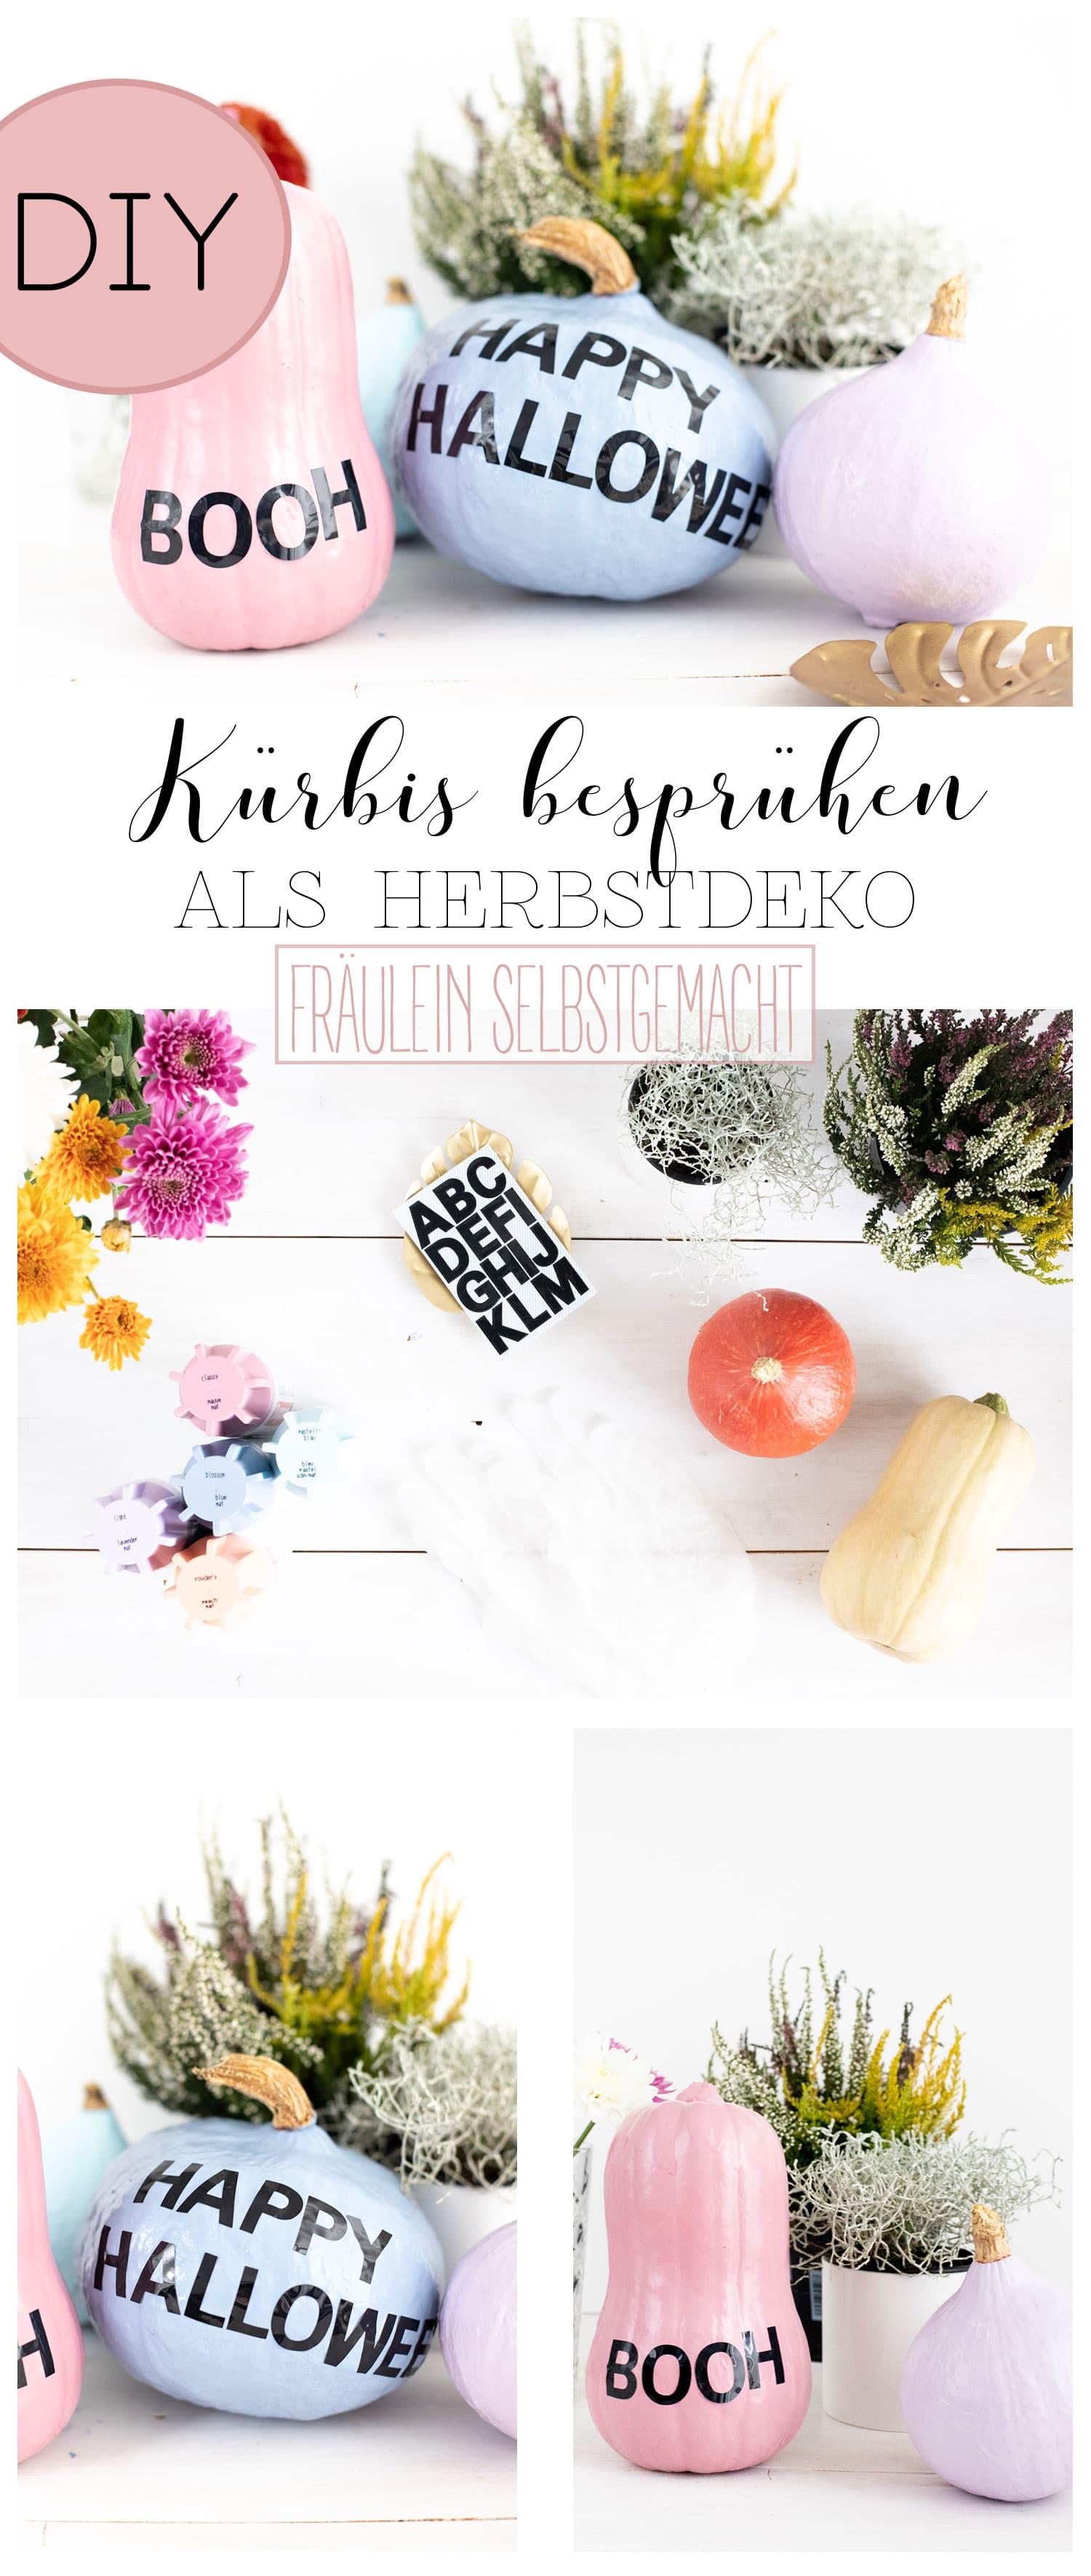 deko-kürbis-besprühen-als-herbstdekoration-pinterest